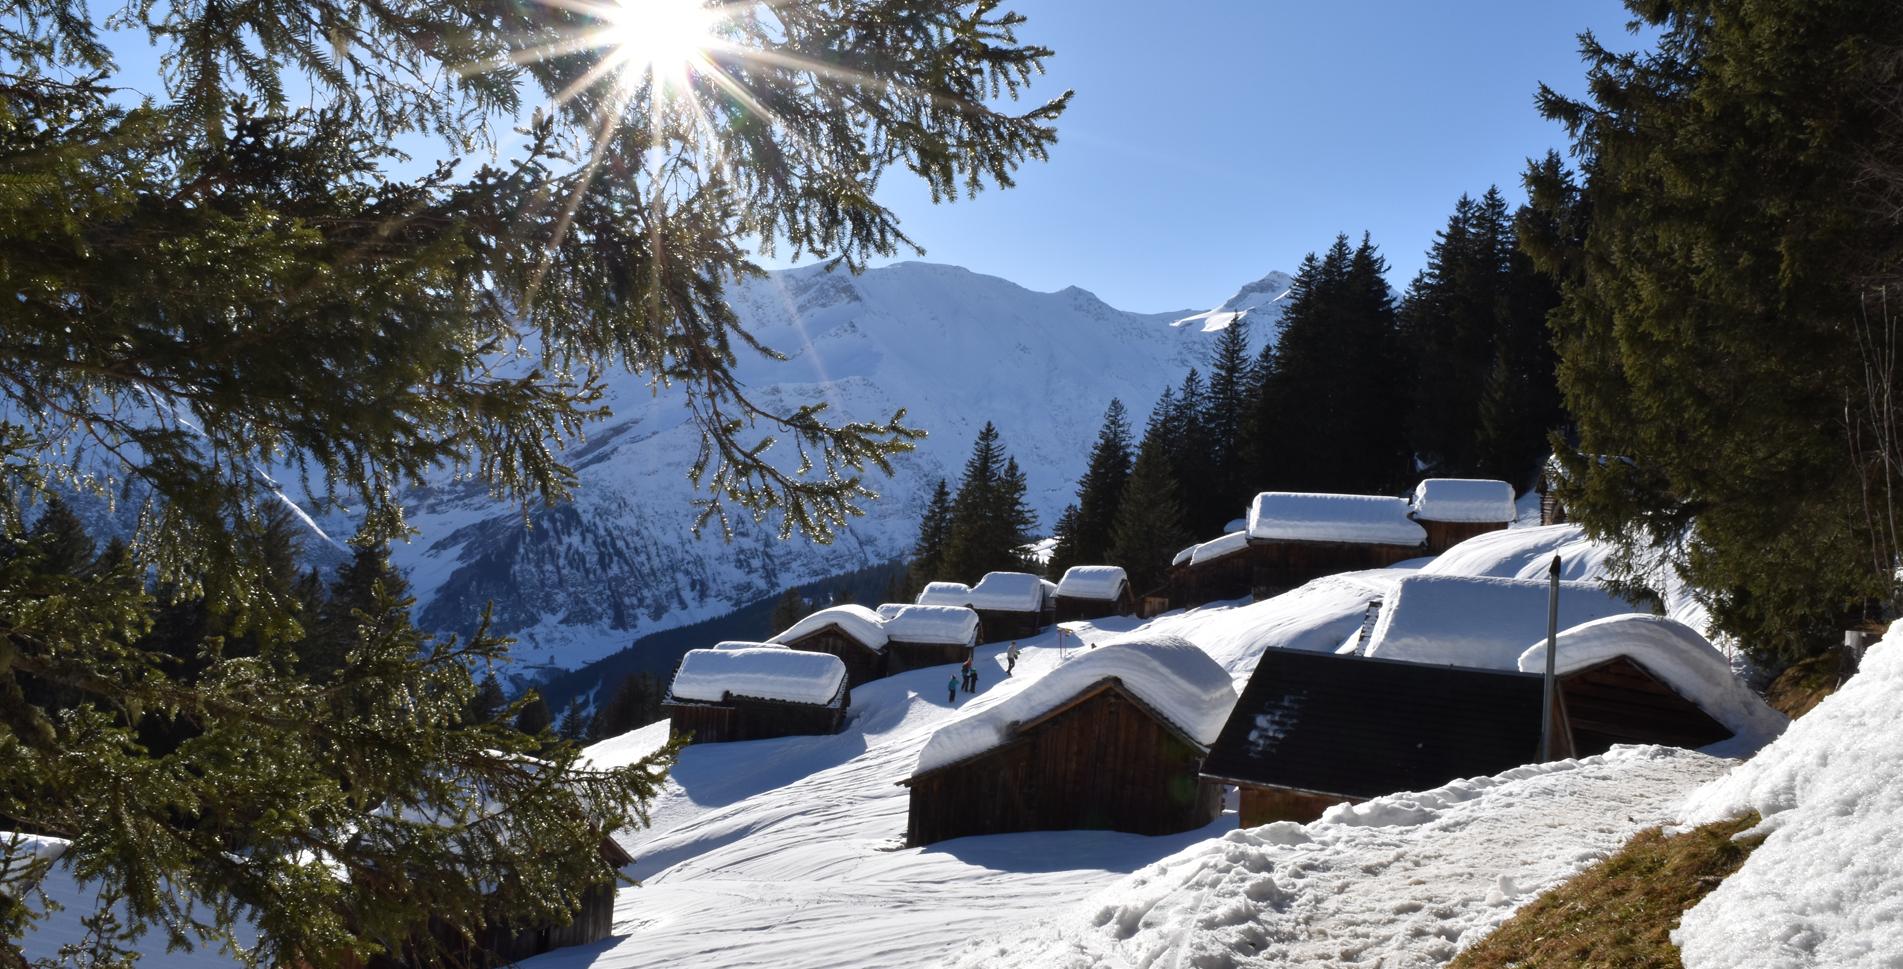 Winterwanderung von Elm Ämpächli im Sernftal via Bischofalp zur Munggä-Hüttä und wieder zurück nach Ämpächli mit Schlitteln nach Elm